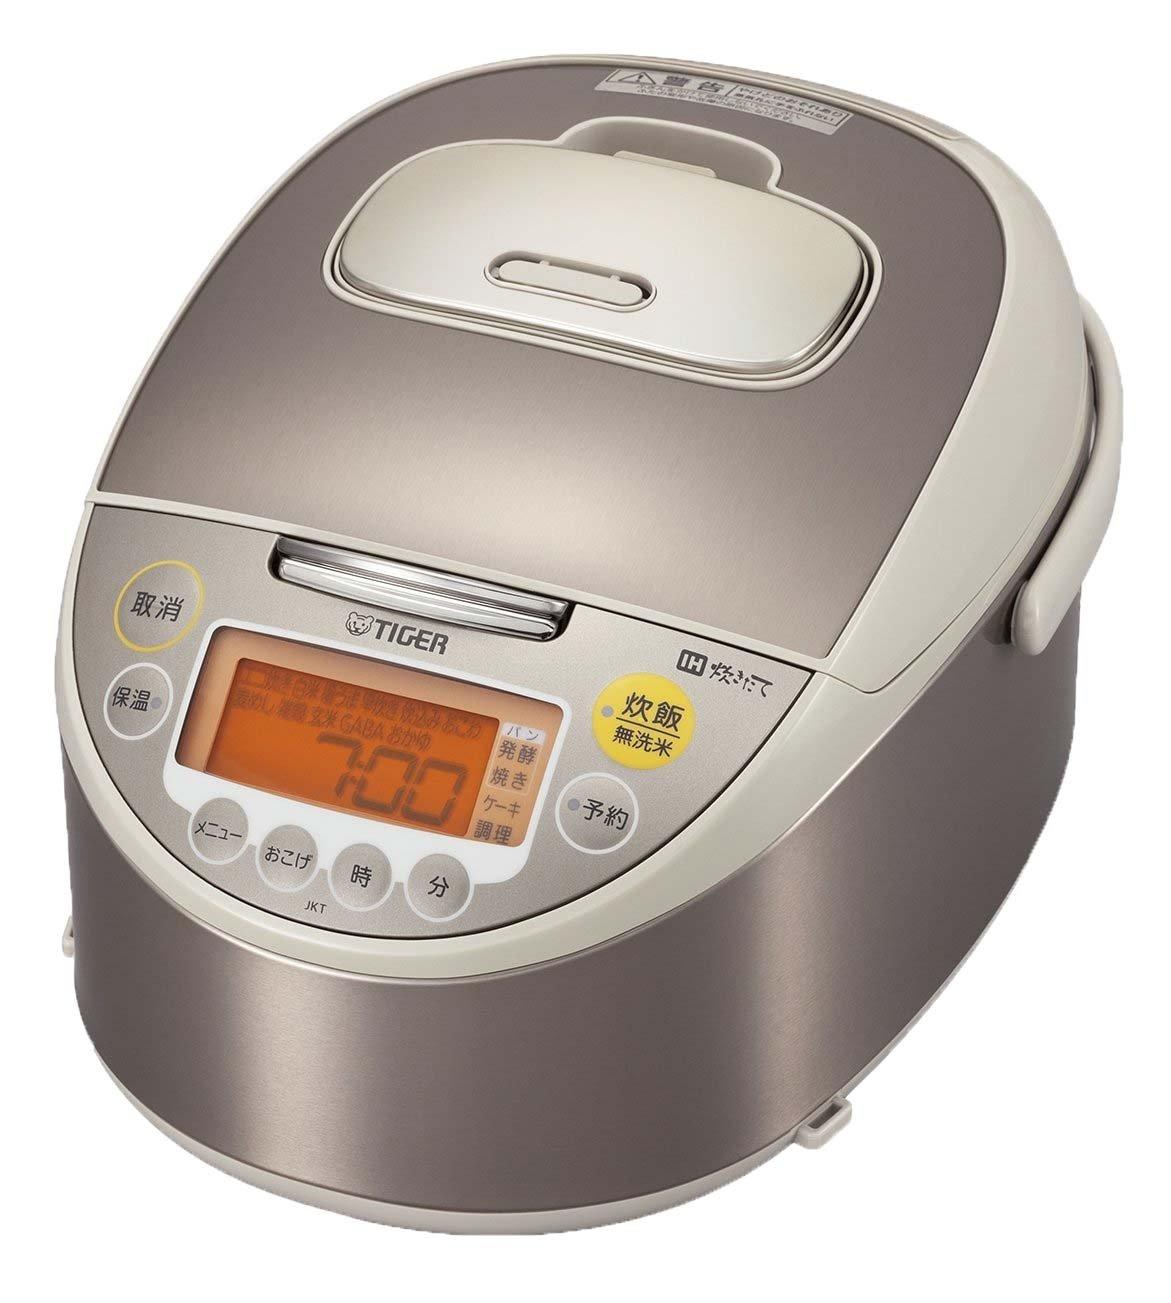 タイガー IH 炊飯器 一升 シャンパンベージュ 炊きたて 炊飯 ジャー JKT-W180-CC Tiger   B016BH83OU